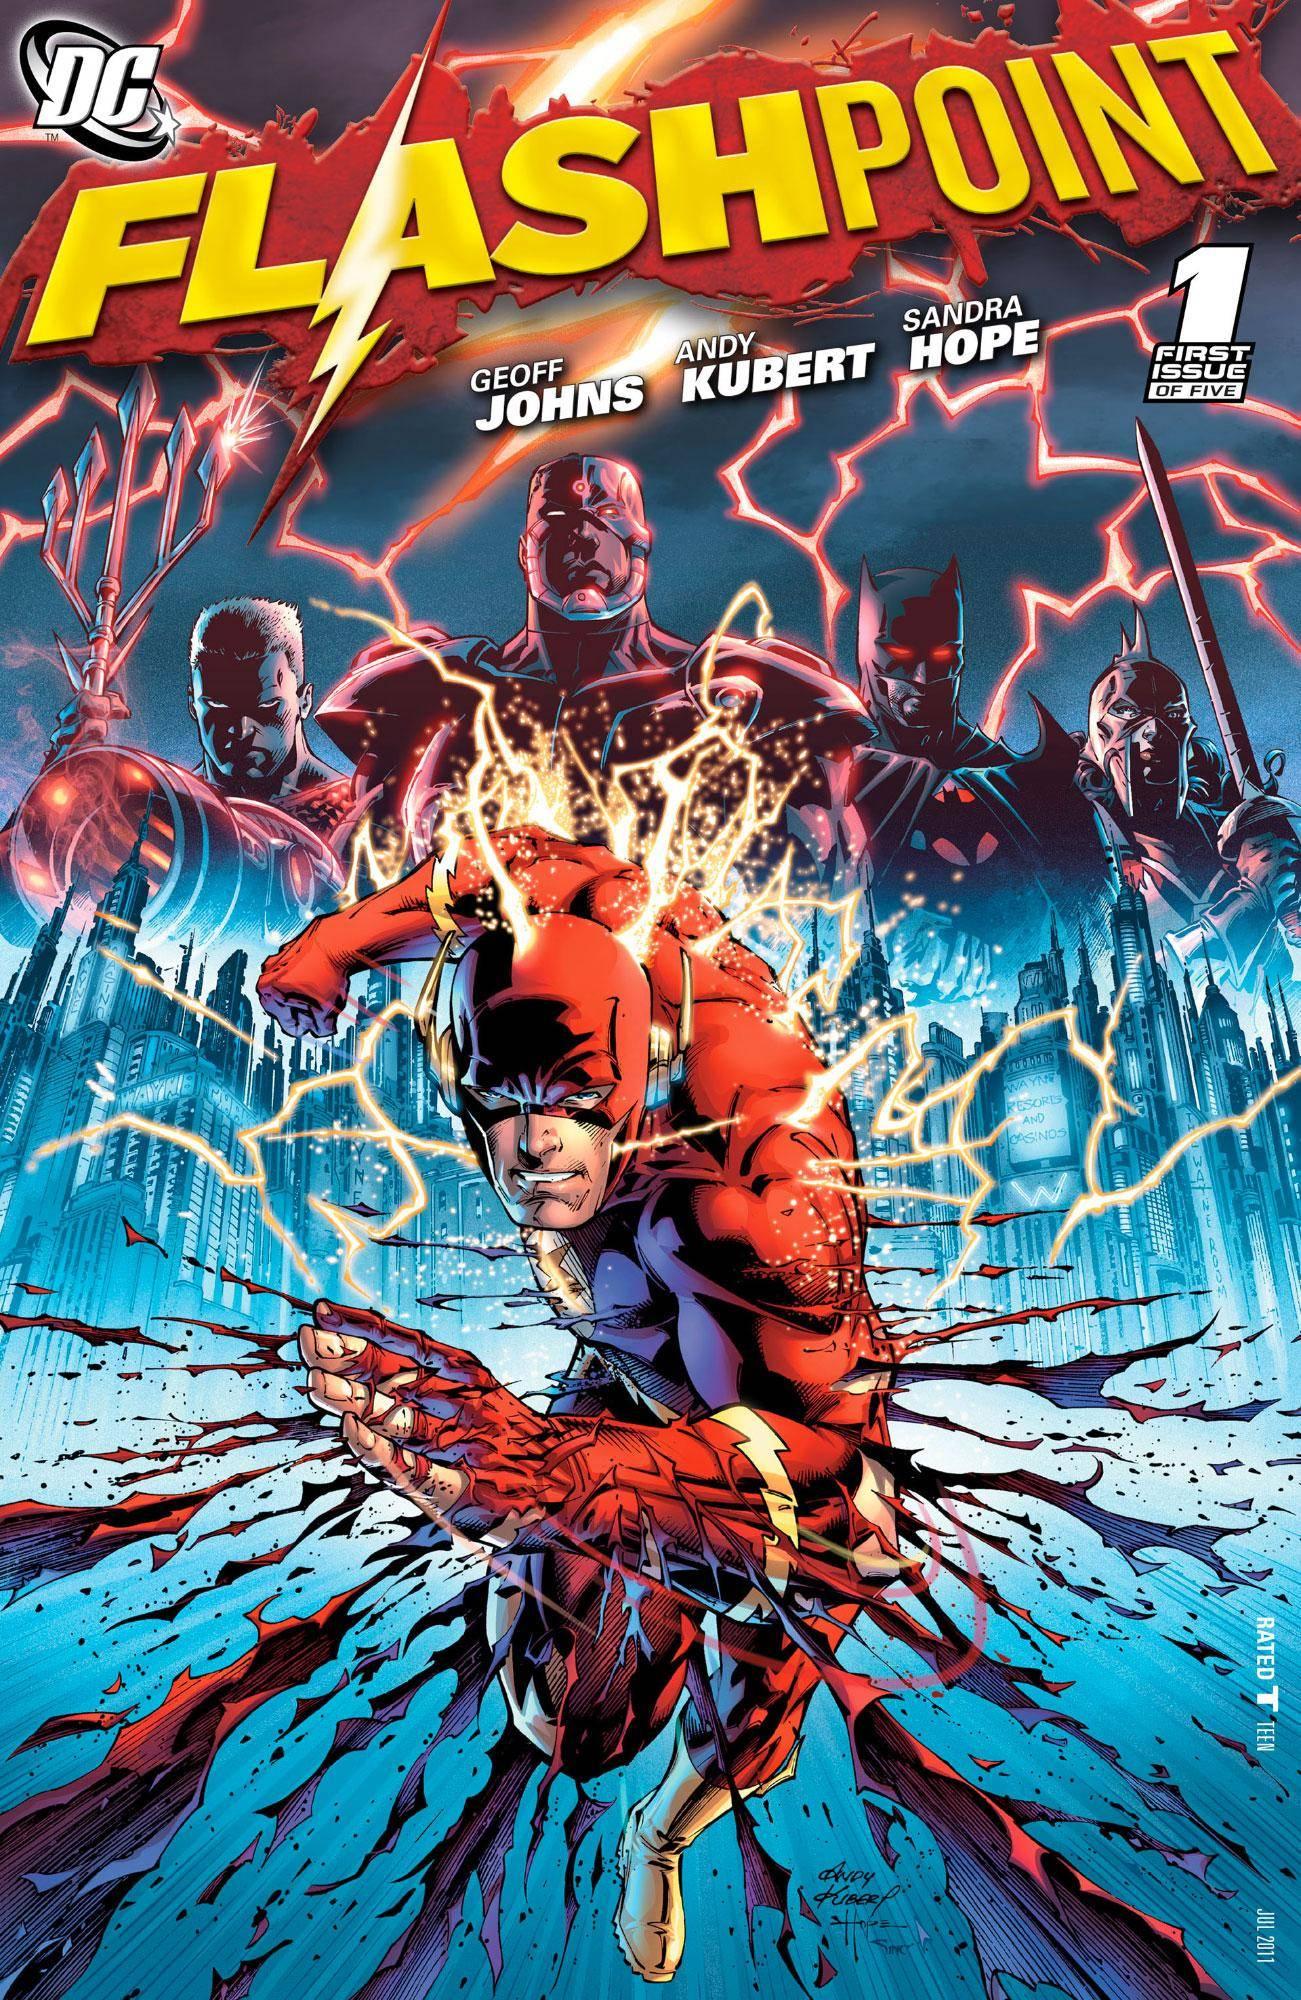 Flash 2009-OYATM 32 of 51Flash 2011-07 Flashpoint 001 digital